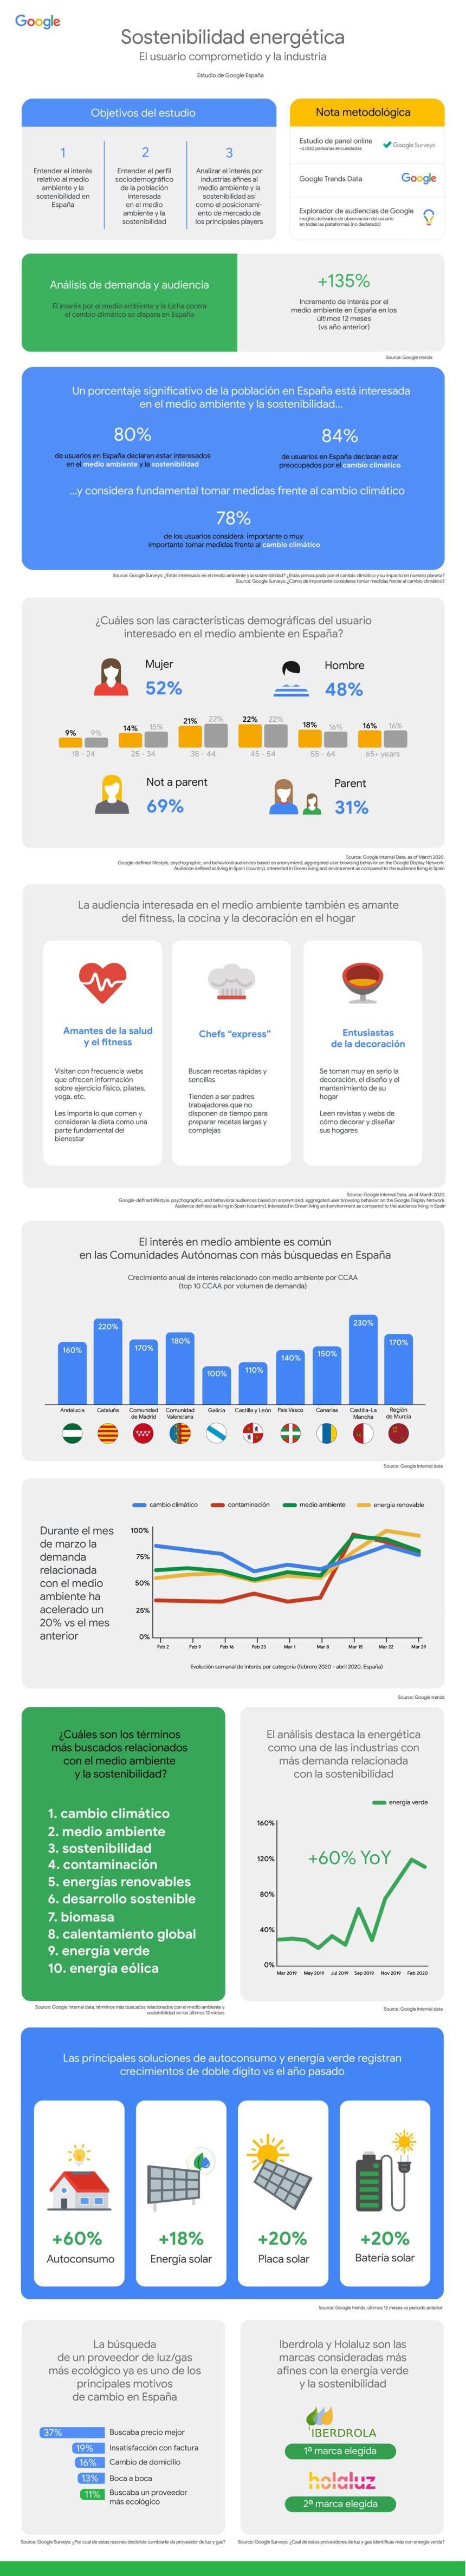 Sostenibilidad energética: el usuario comprometido y la industria